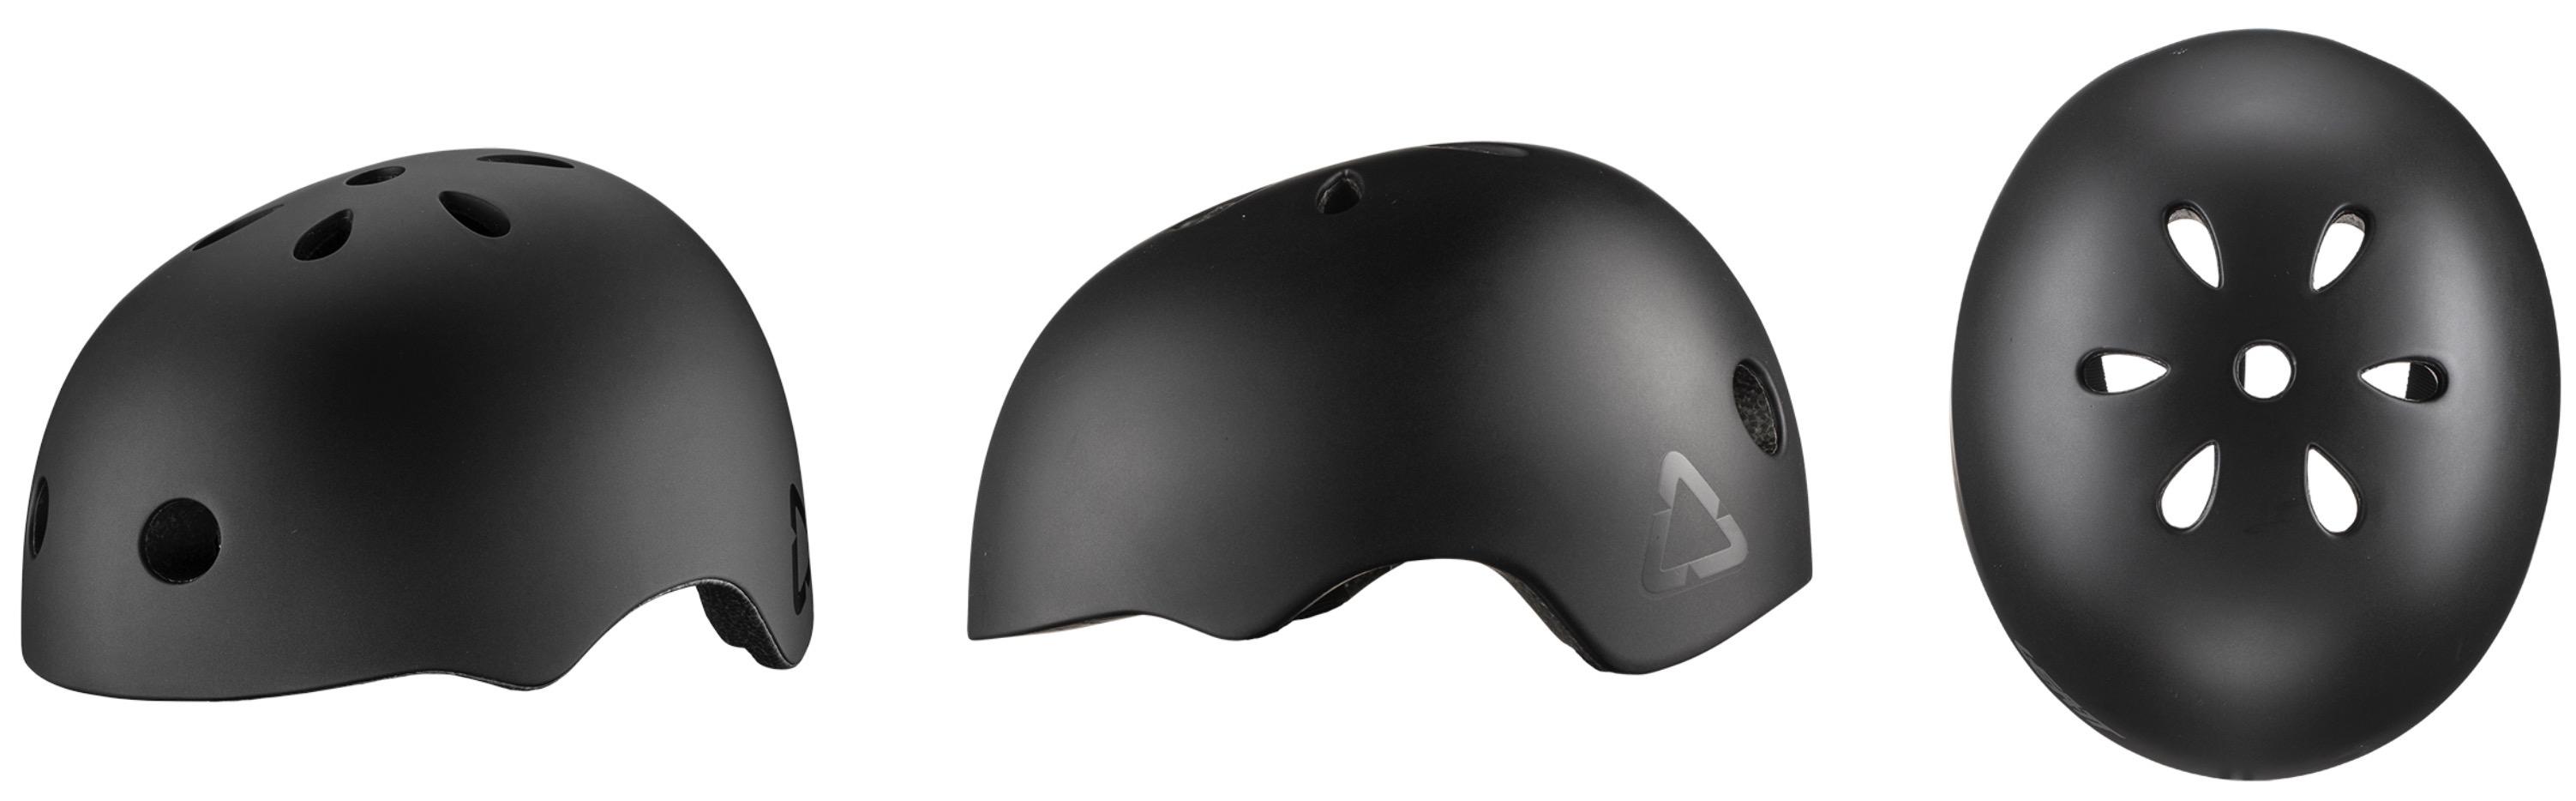 Leatt 1.0 Urban Helmet in Black